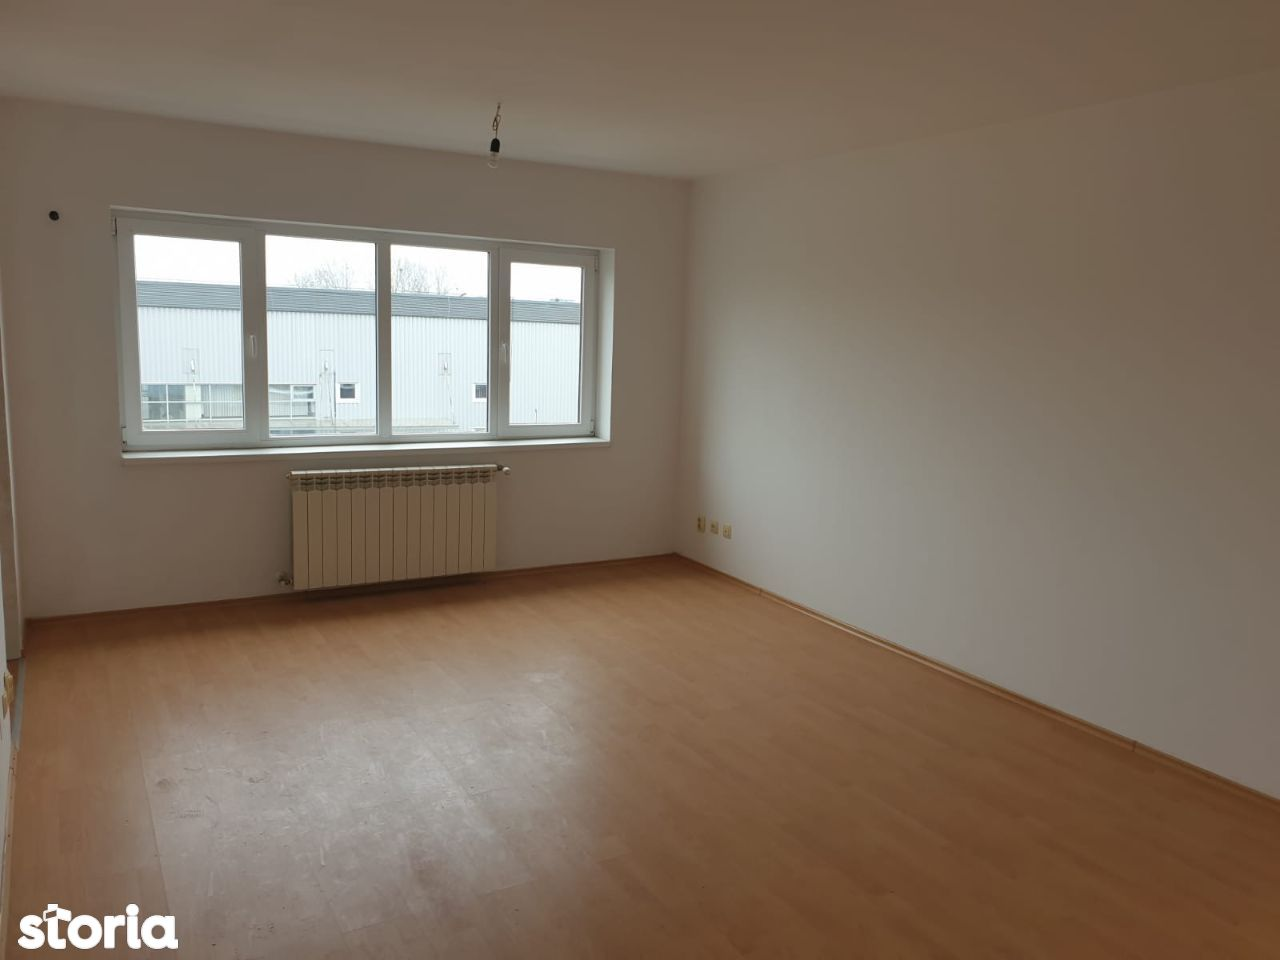 Apartament nou cu o camera, la cheie, model decomandat. rond Canta